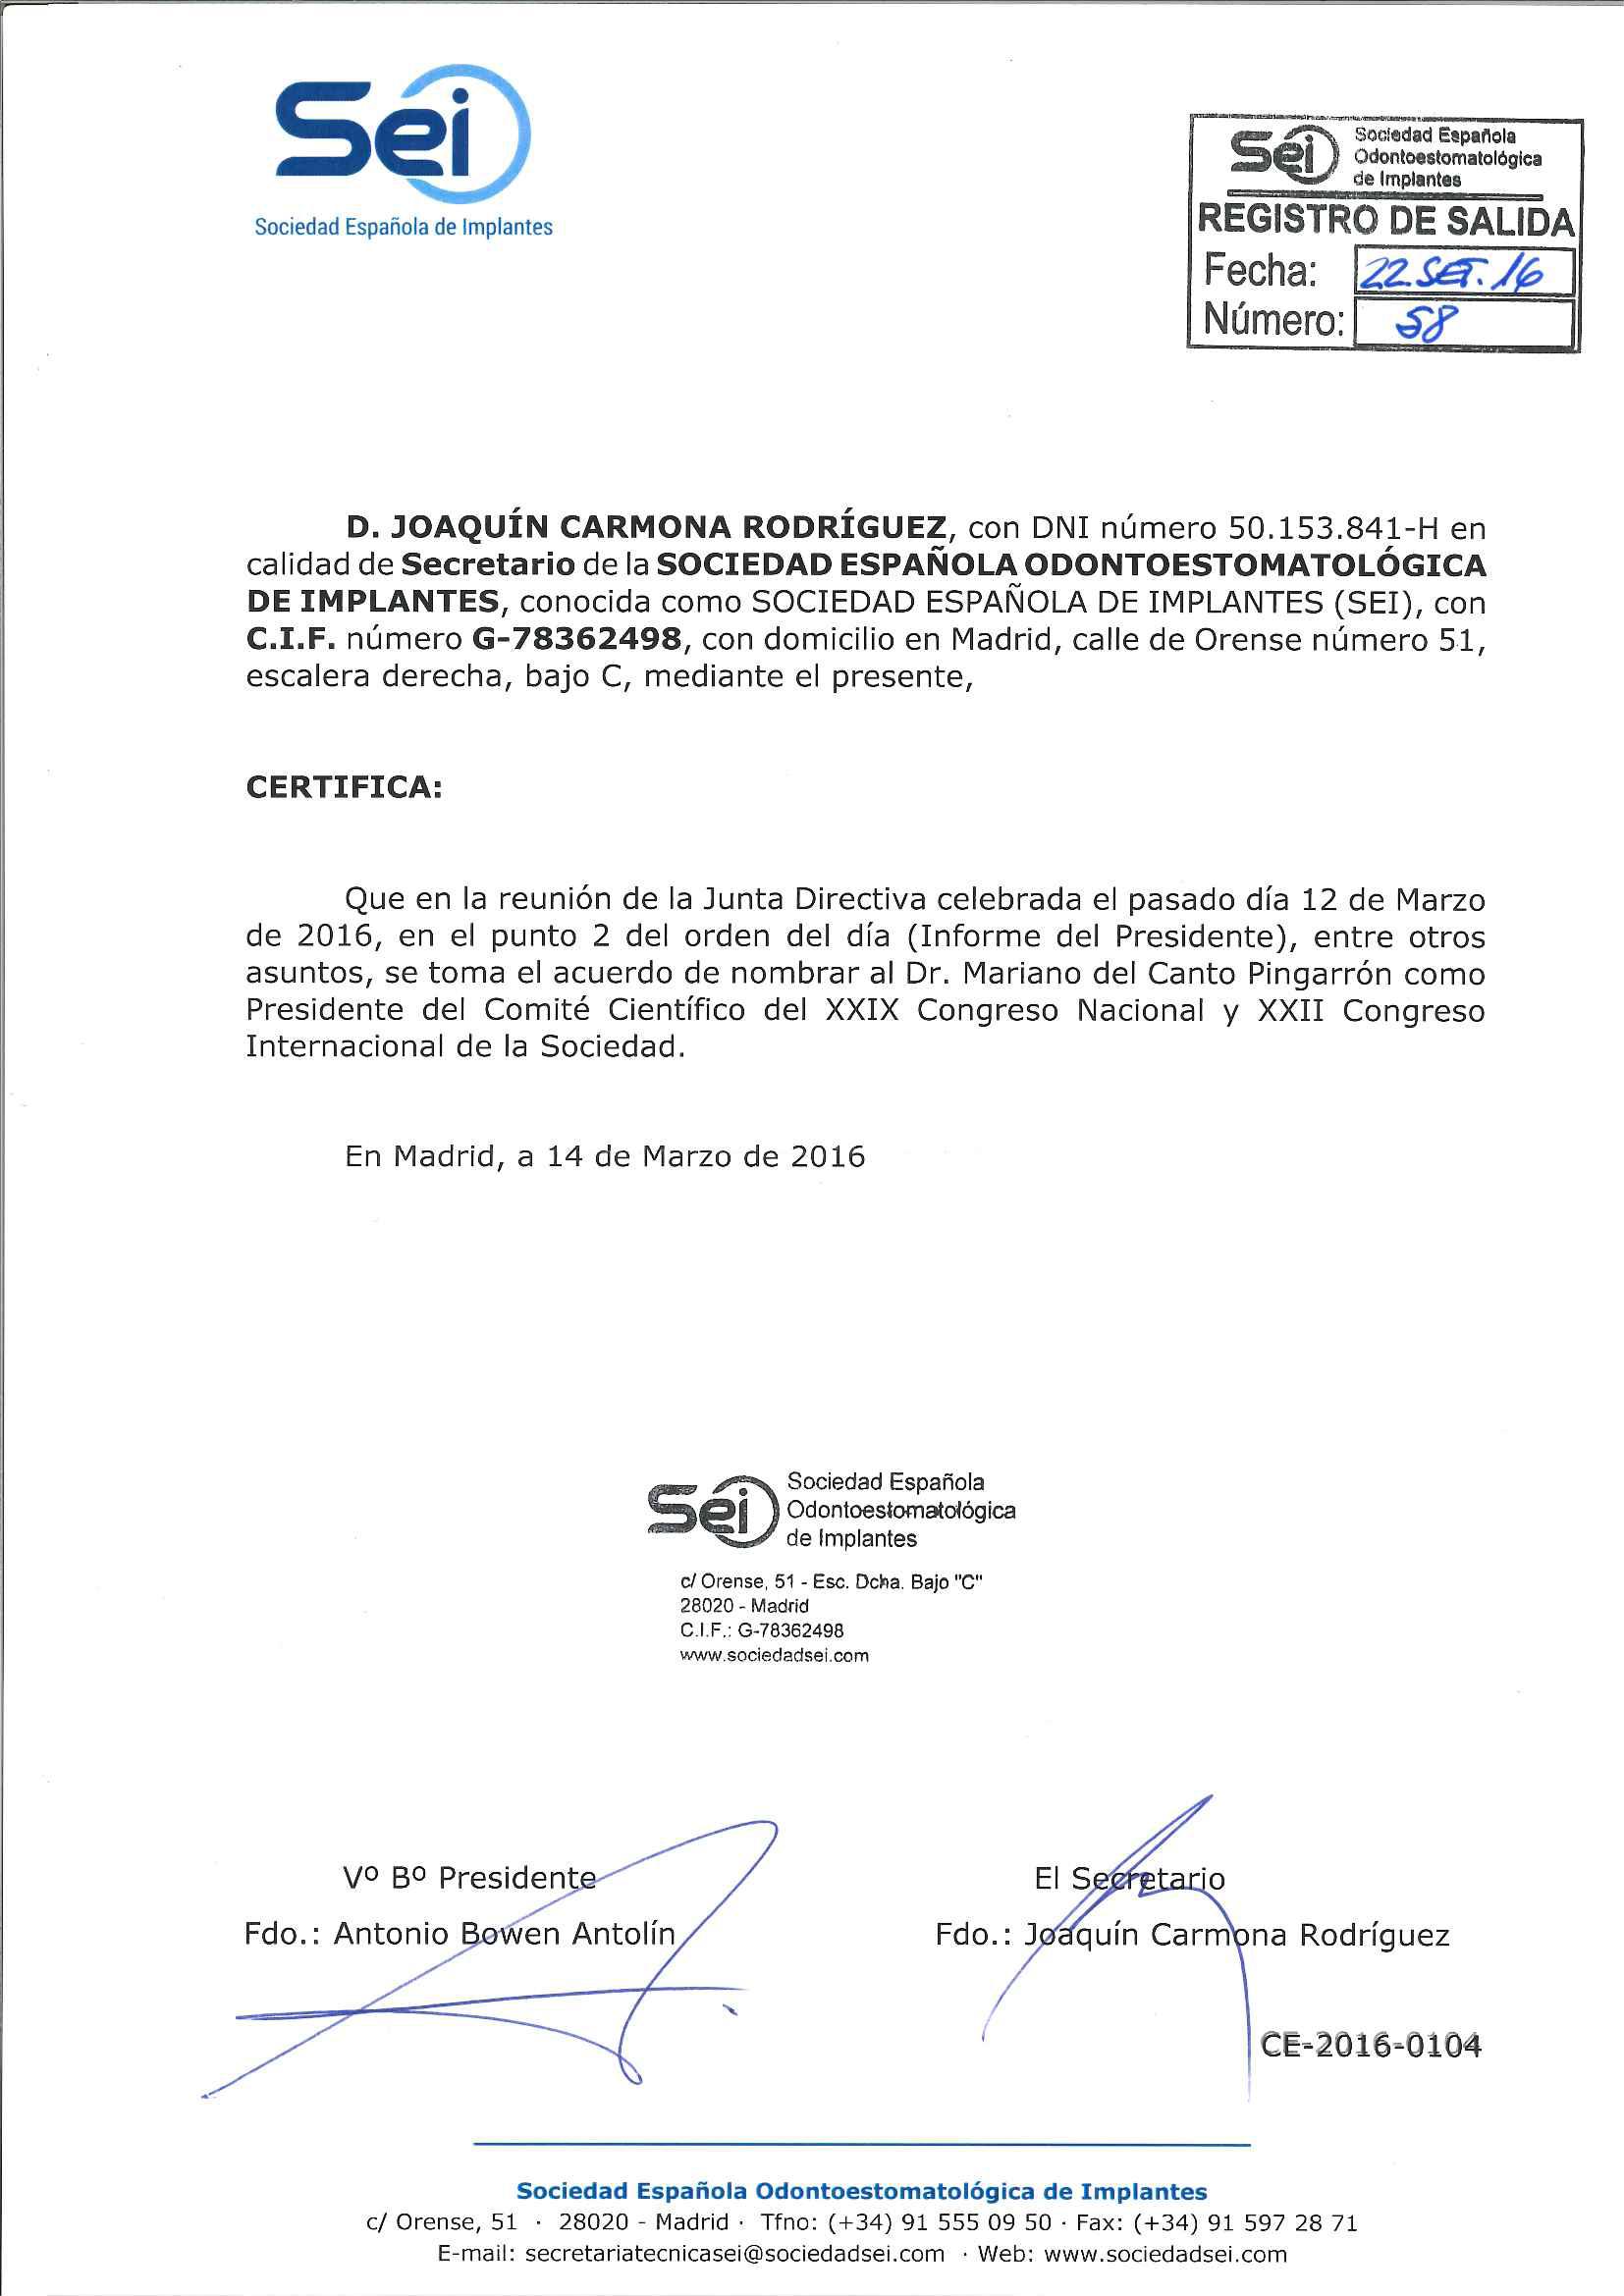 Dr. Mariano del Canto Pingarrón, nombrado Presidente del Comité científico del XXIX Congreso Nacional y XXII Congreso Internacional, de la Sociedad Española de Implantes